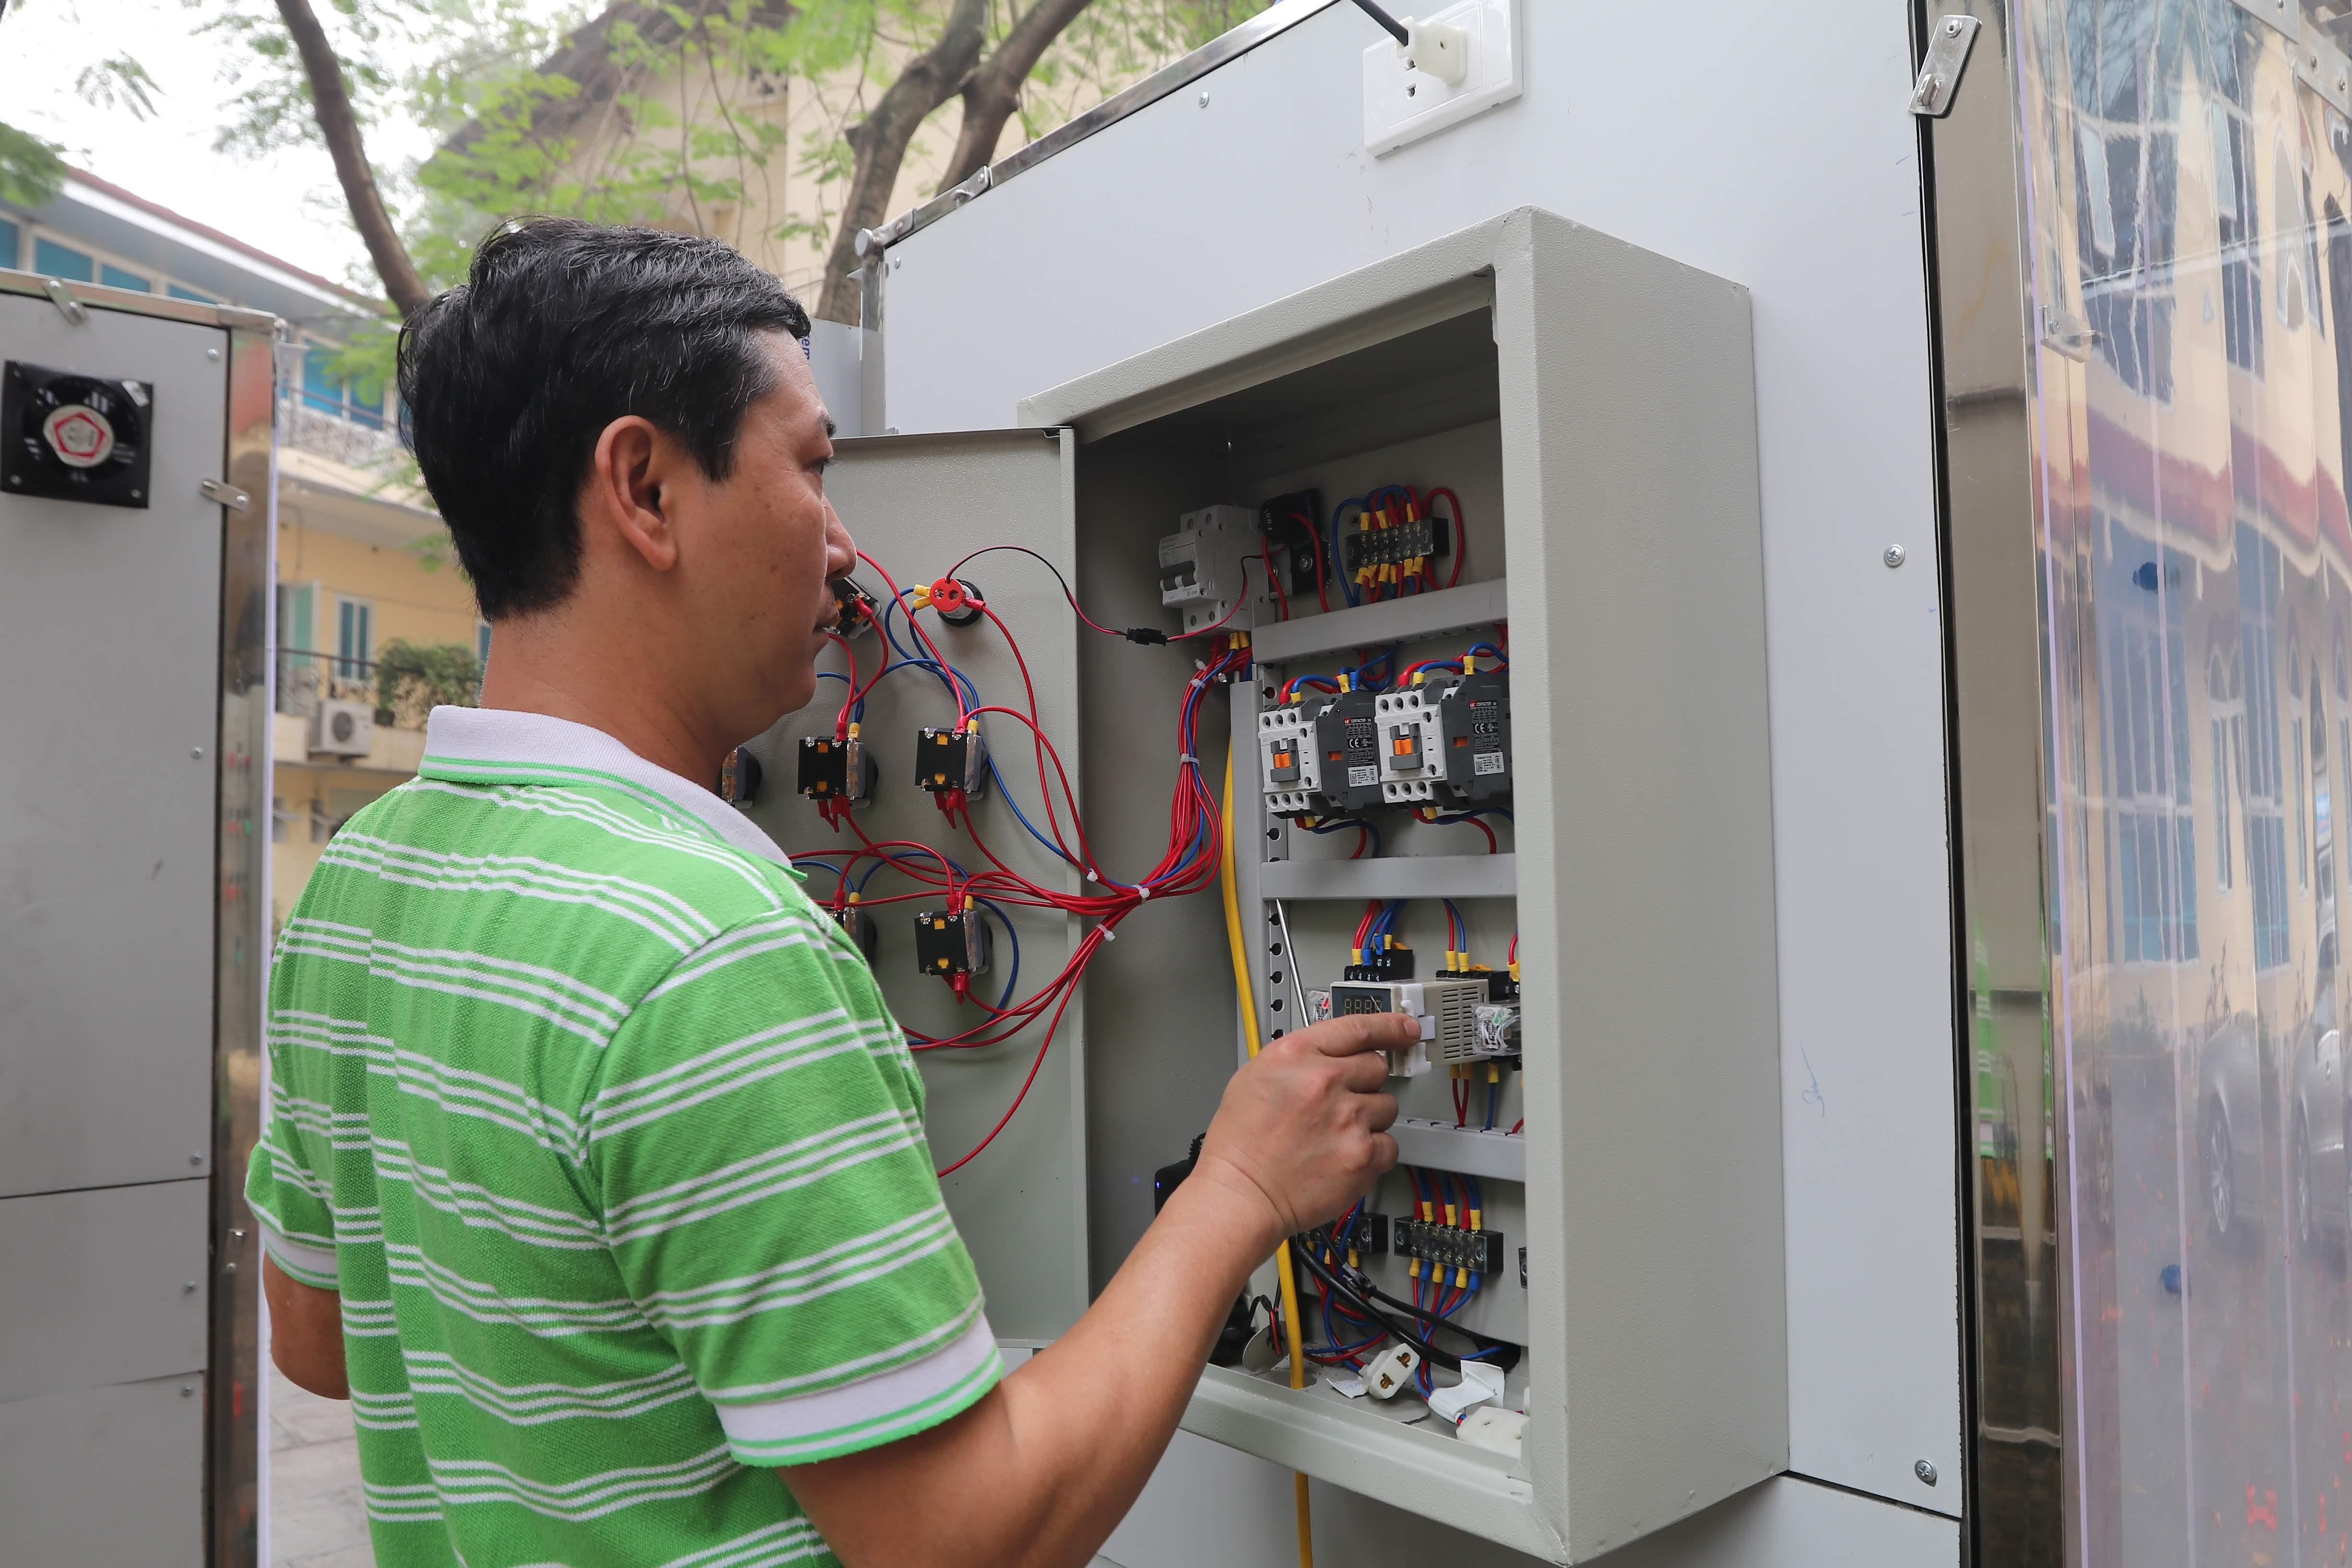 Ngoài hệ thống máy phun sương mù, các kỹ sư đang thử nghiệm hệ thống khử khuẩn nhiệt và ozon. Việc sử dụng nhiệt độ cao và ozon ở mức độ cho phép có thể giúp diệt khuẩn.